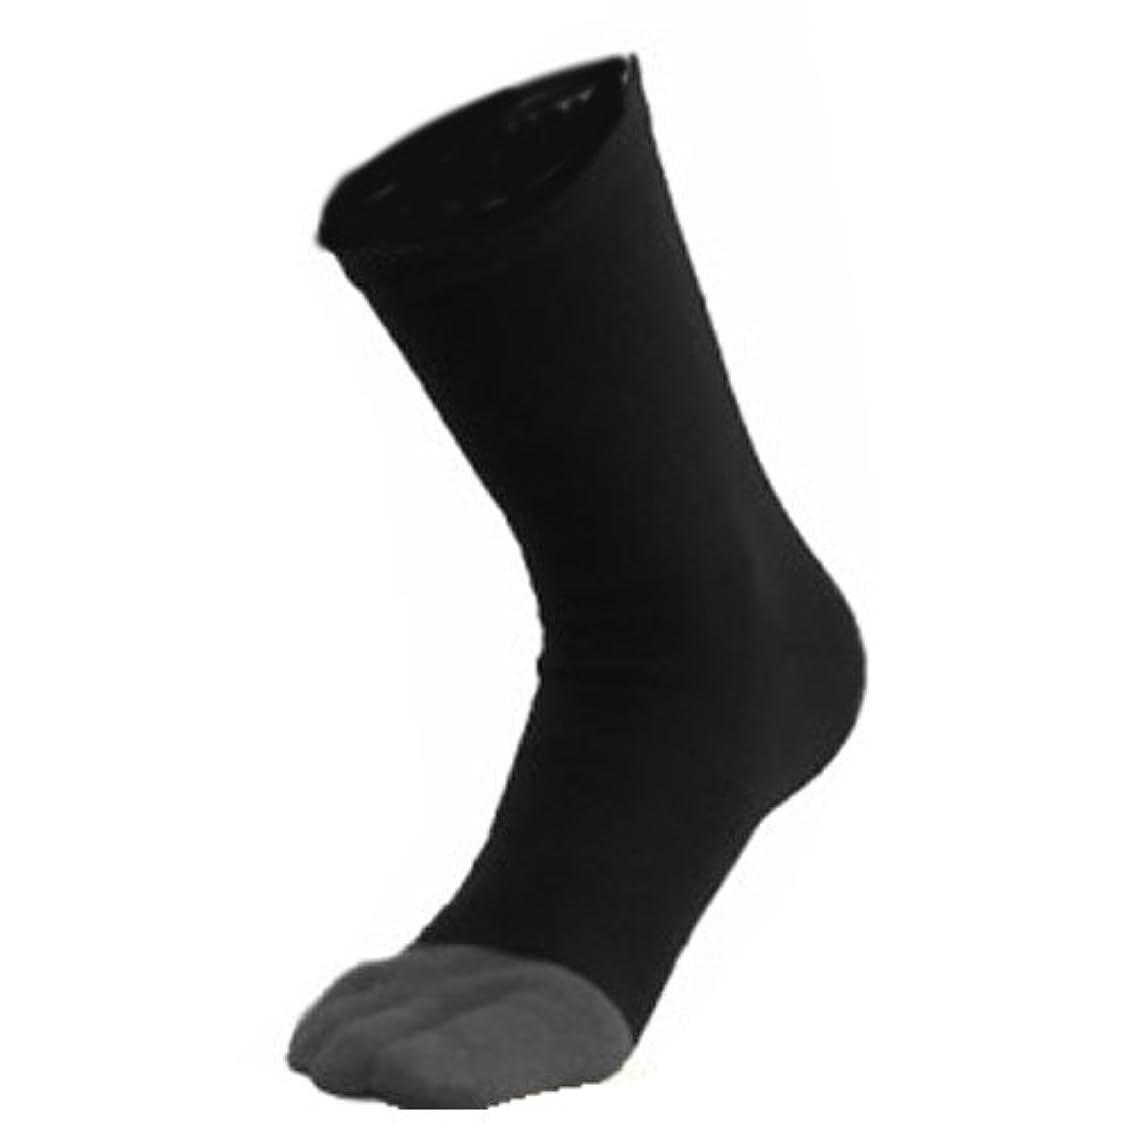 コンソール試してみる政治家の指先まであったか靴下 ブラック×チャコールグレー